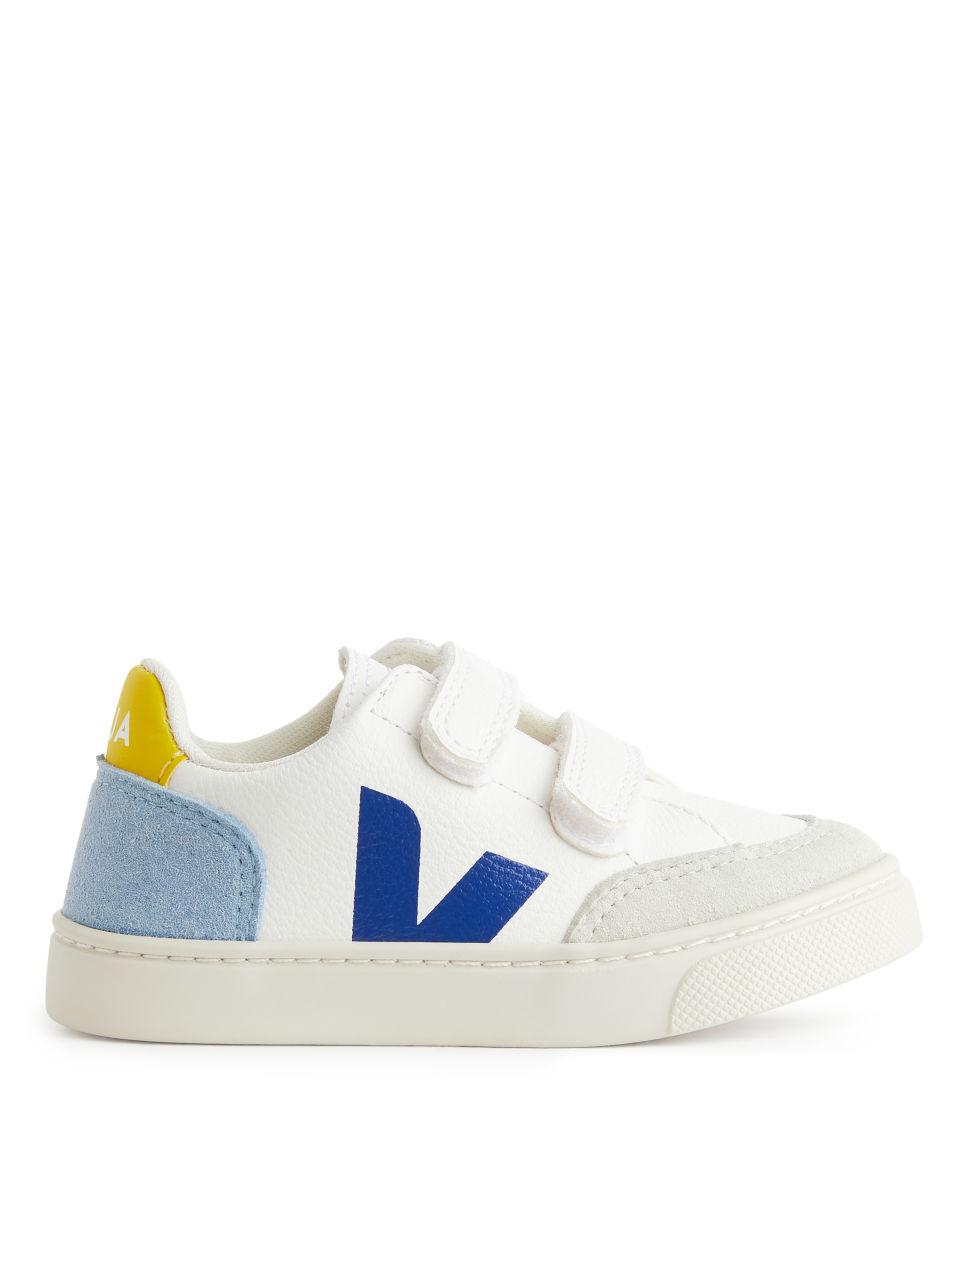 Veja V-12 Trainers Toddler - Blue